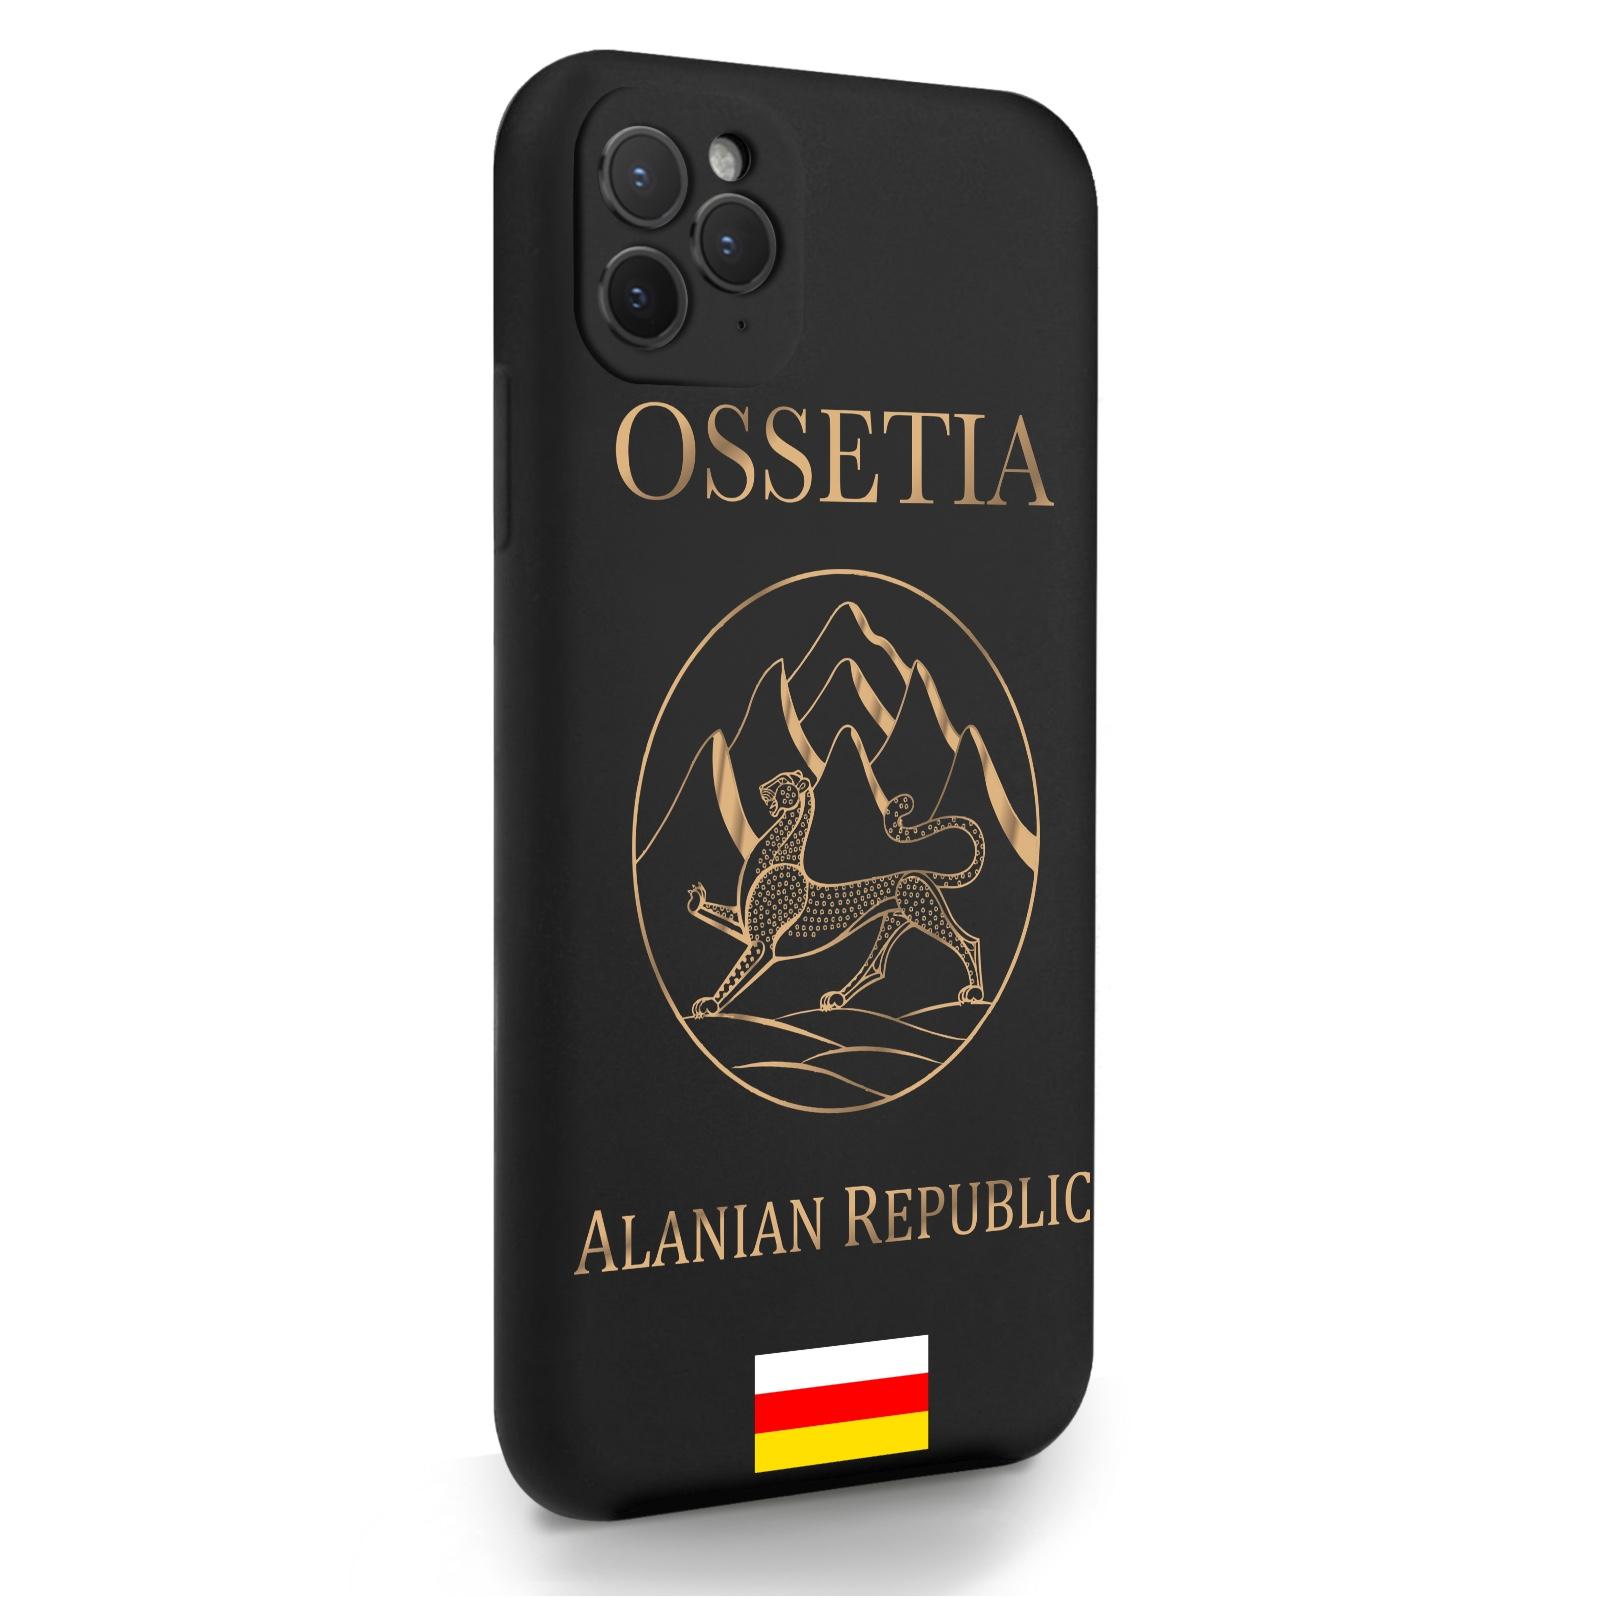 Черный силиконовый чехол для iPhone 11 Pro Max Золотой Герб Северной Осетии для Айфон 11 Про Макс